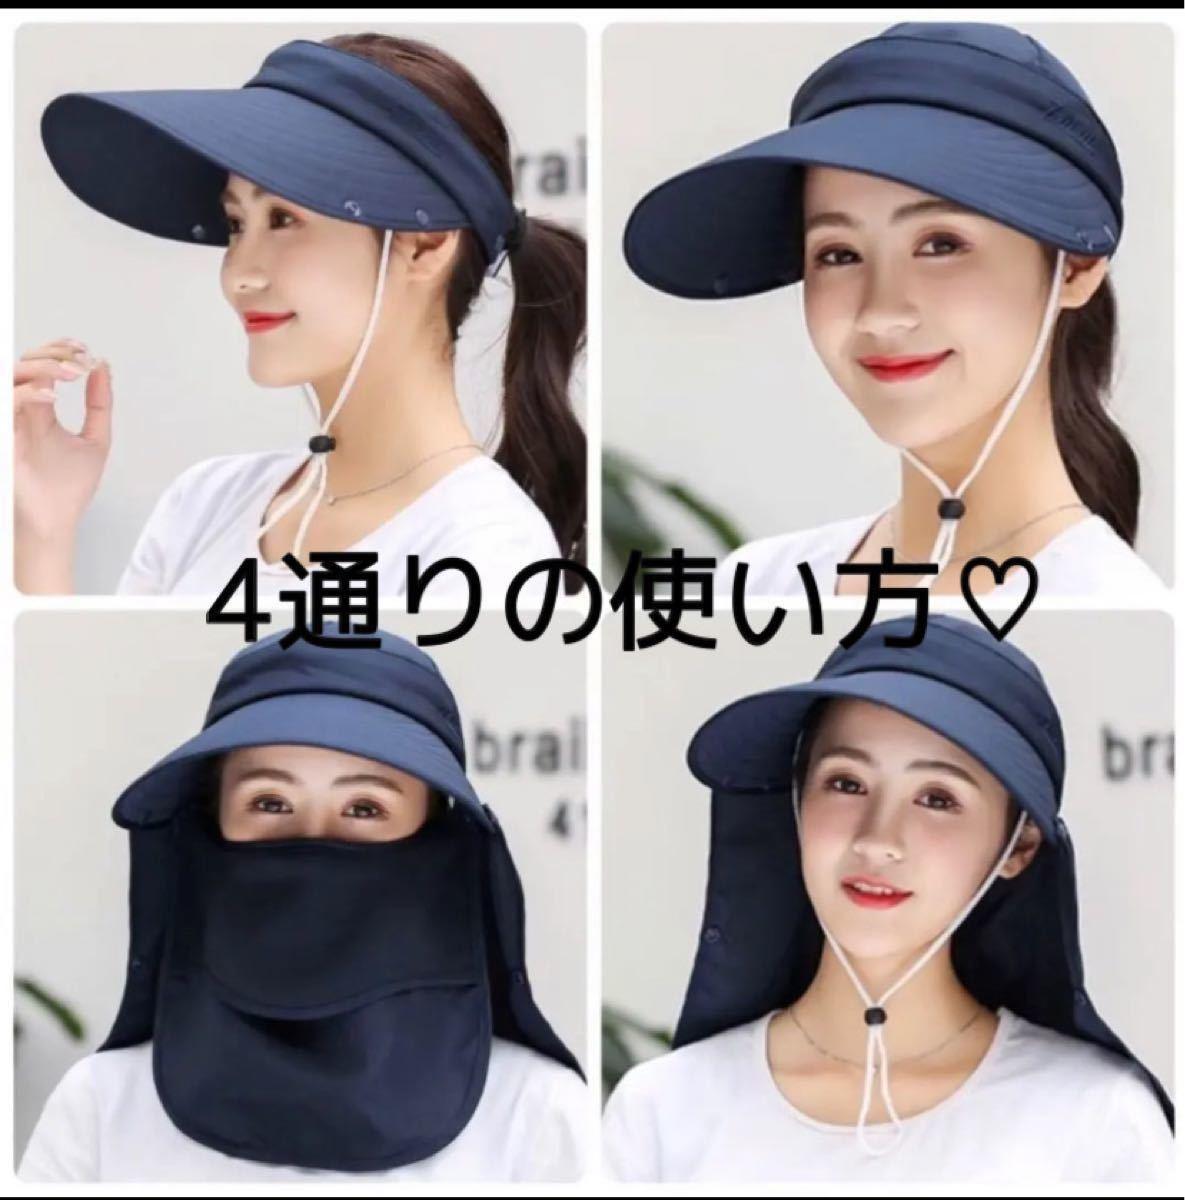 フェイスマスク 日焼け防止 紫外線カット 4Wayタイプサンバイザー♪